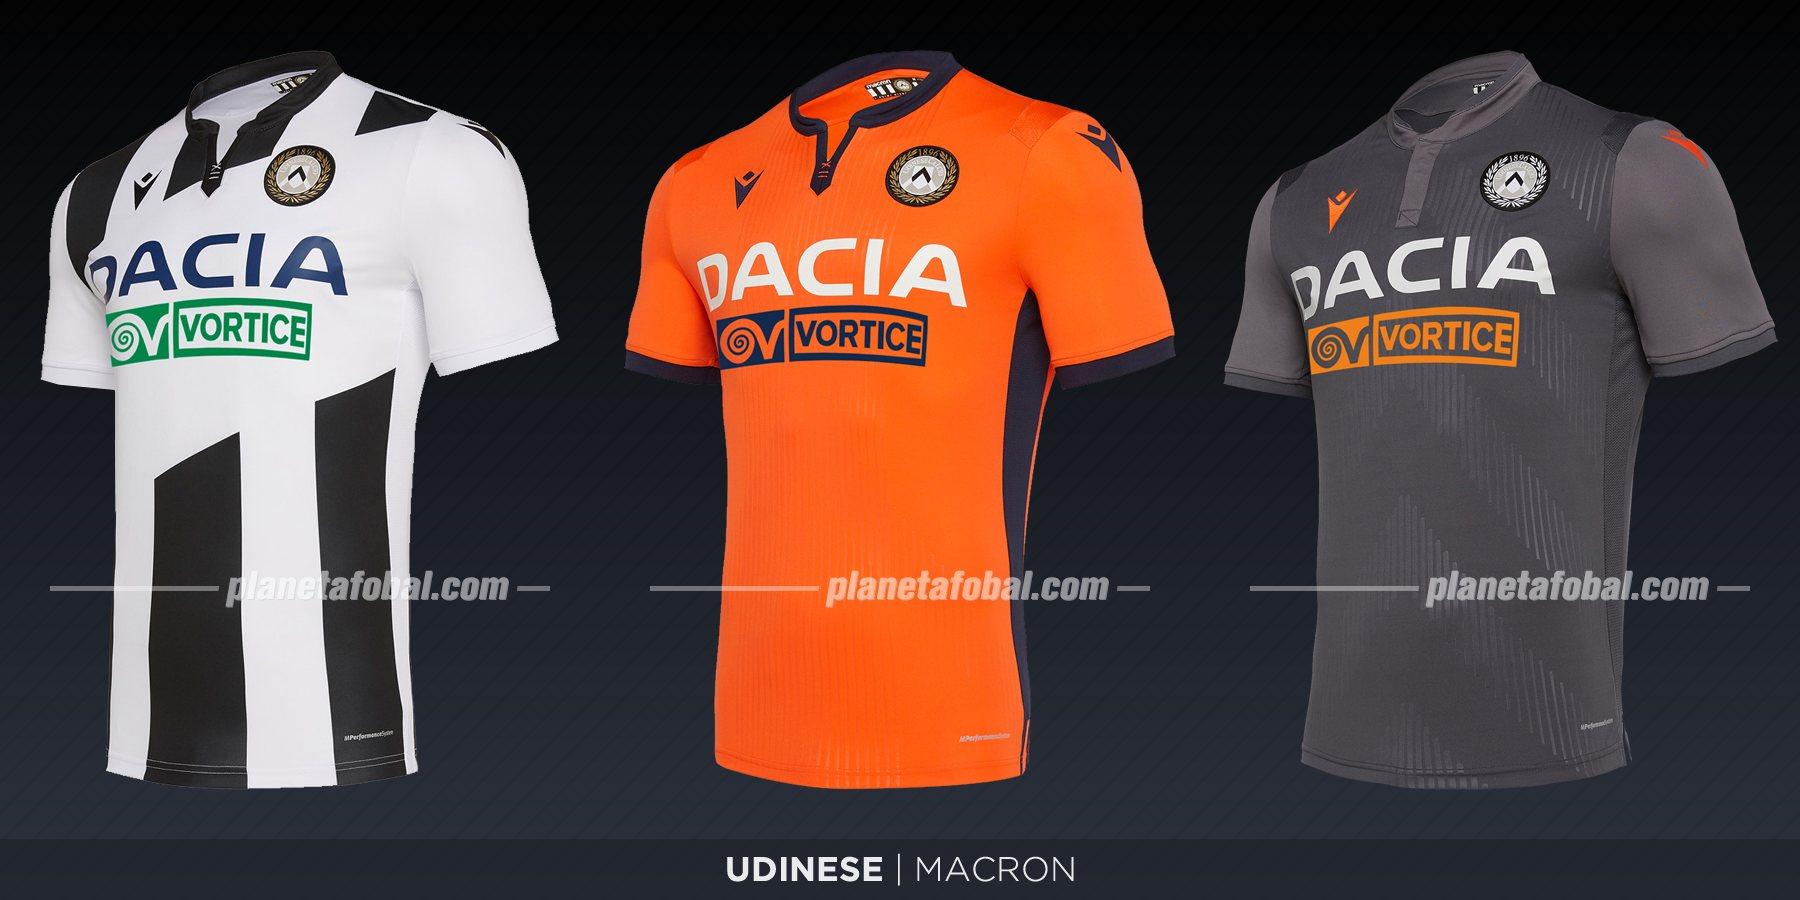 Udinese (Macron) | Camisetas de la Serie A 2019-2020